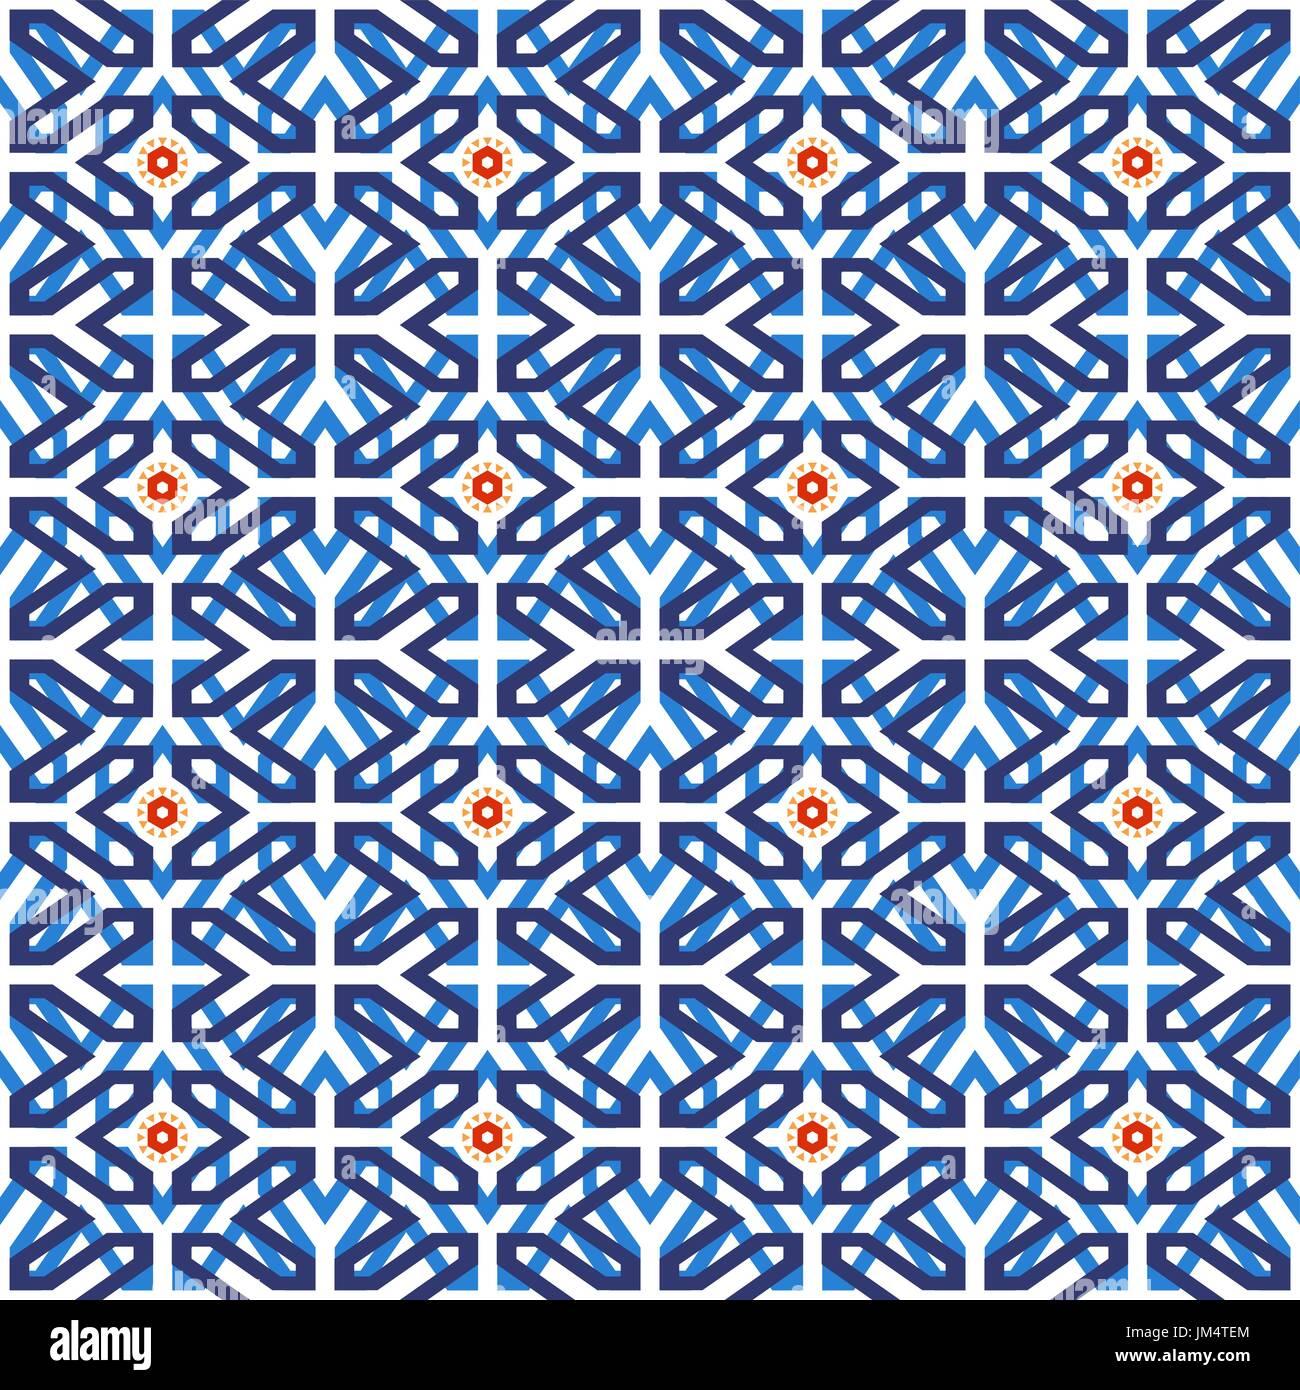 Traditionelle Arabische Keramik Mosaik Fliesen Musterdesign - Fliesen maurisch